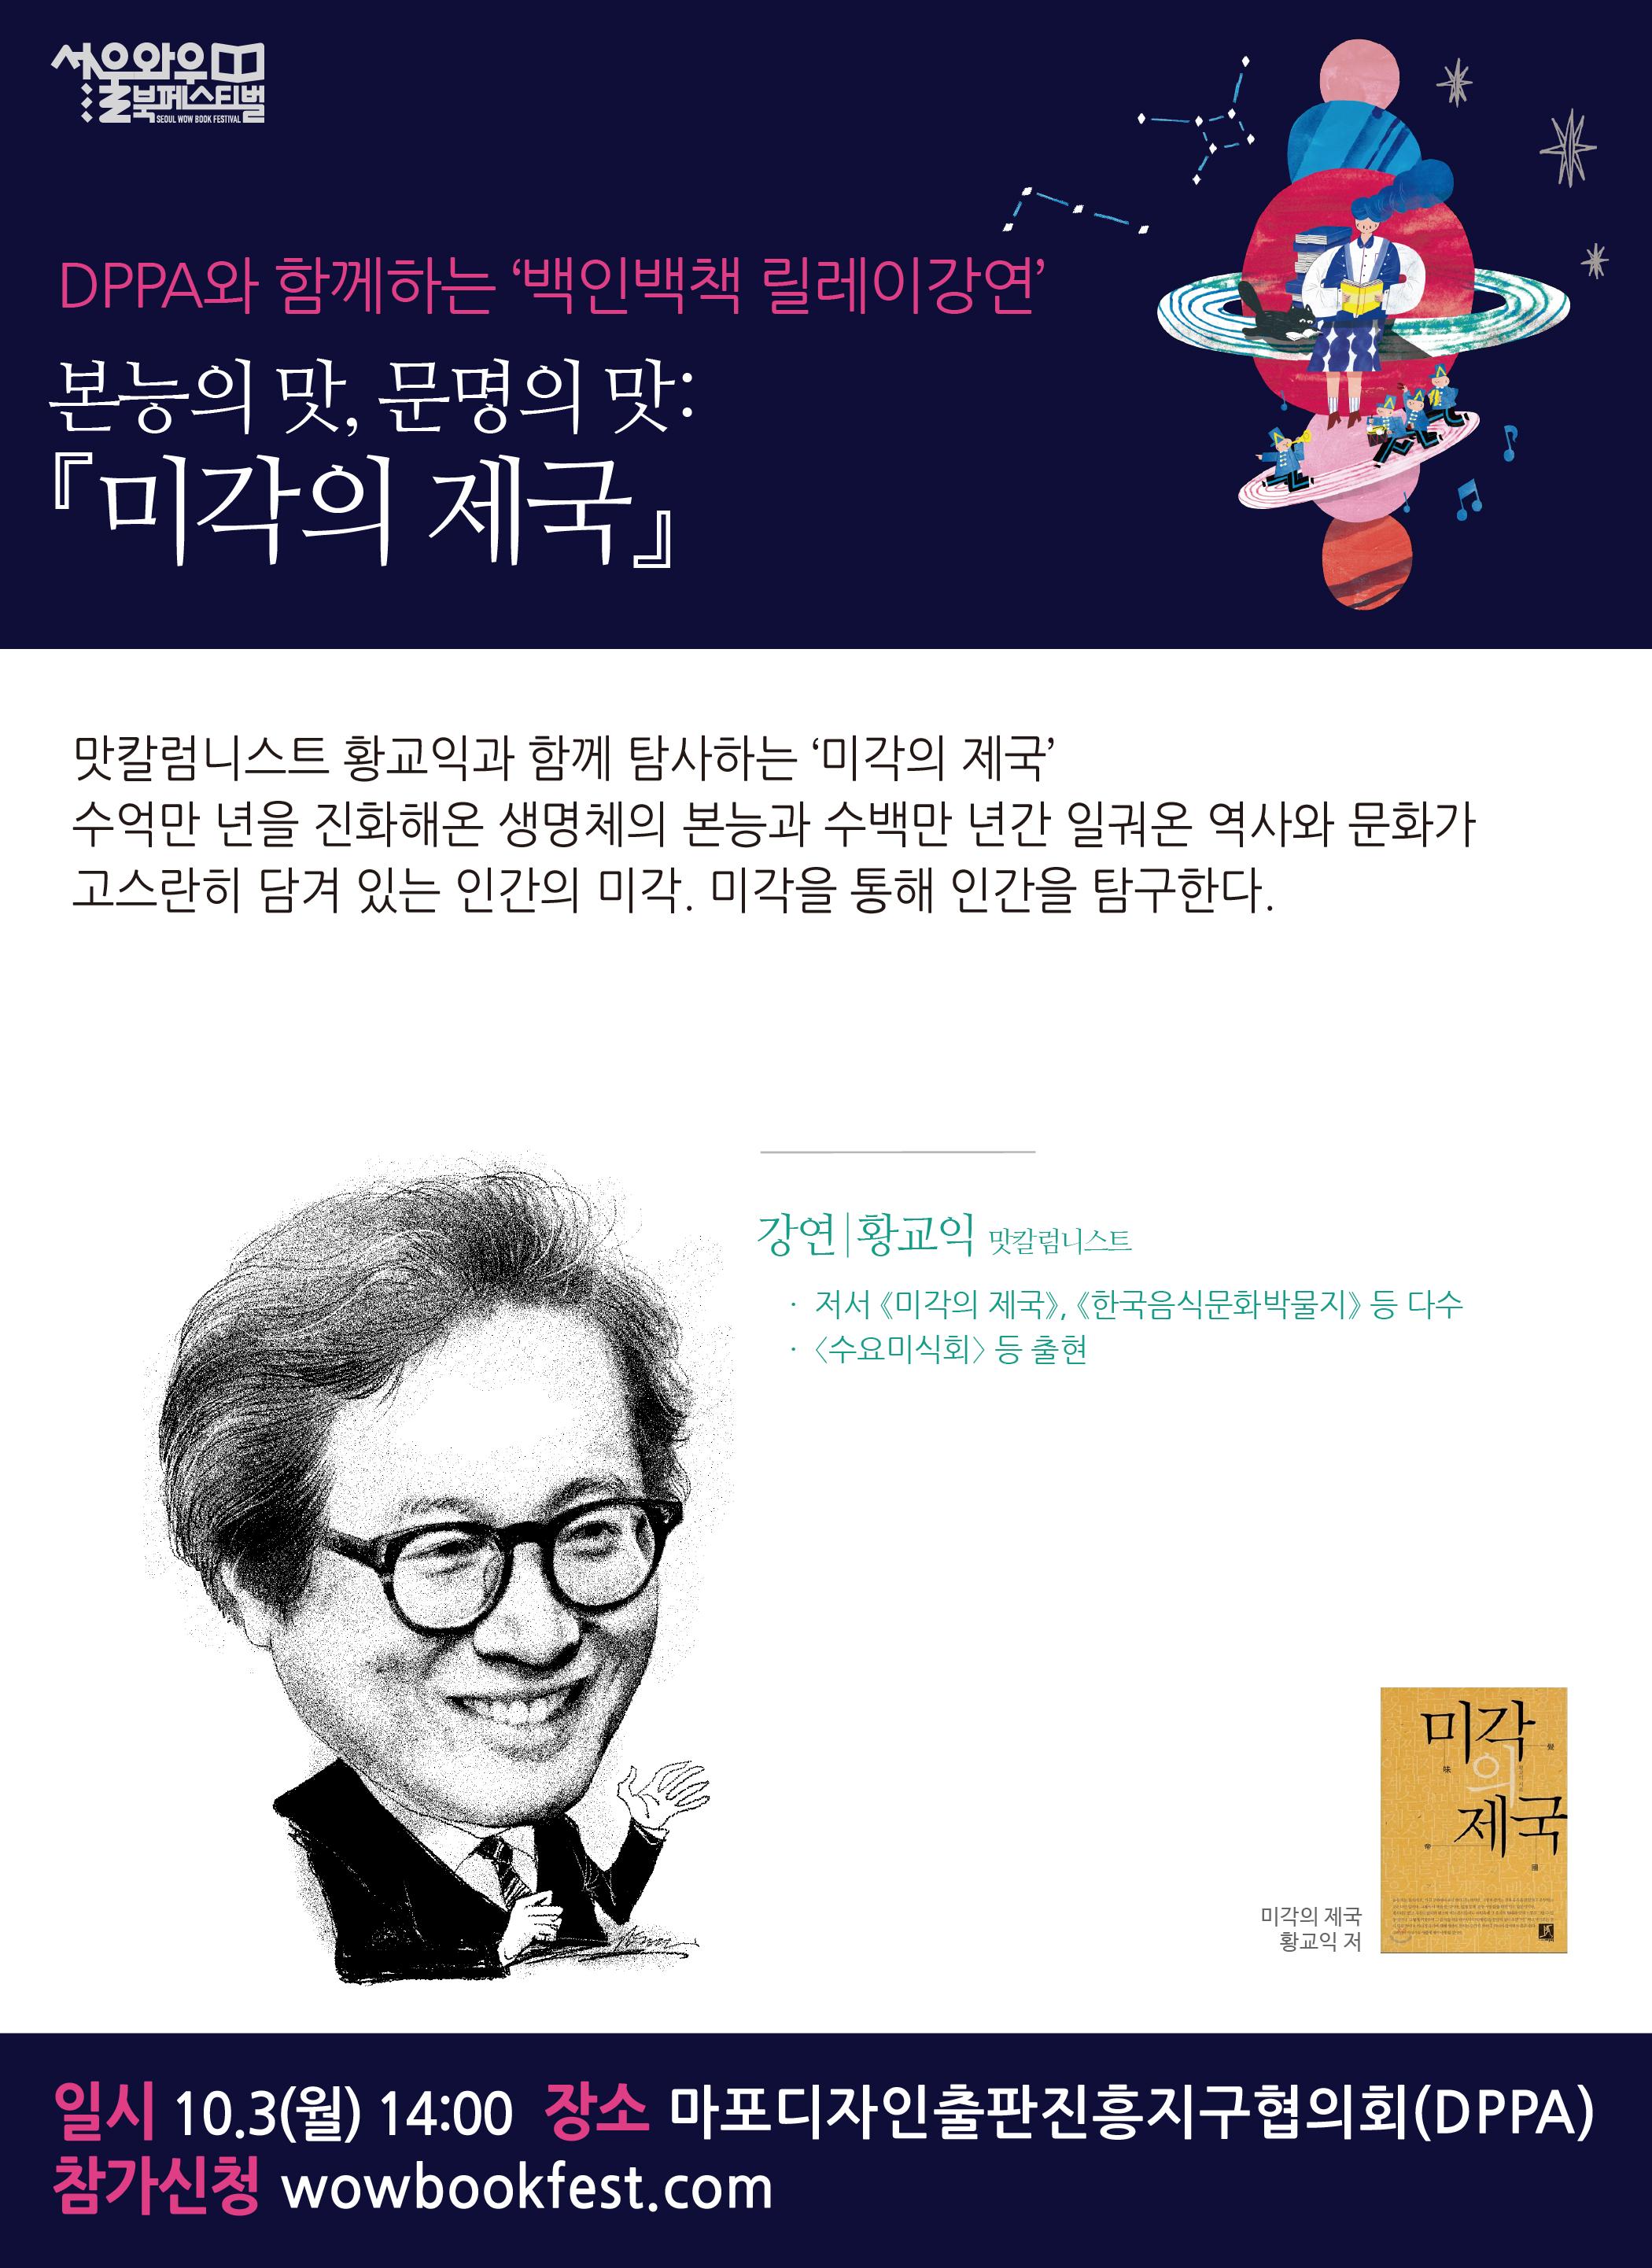 와우북_웹플라이어_19-본능의-맛,-문명의-맛_미각의-제국.jpg